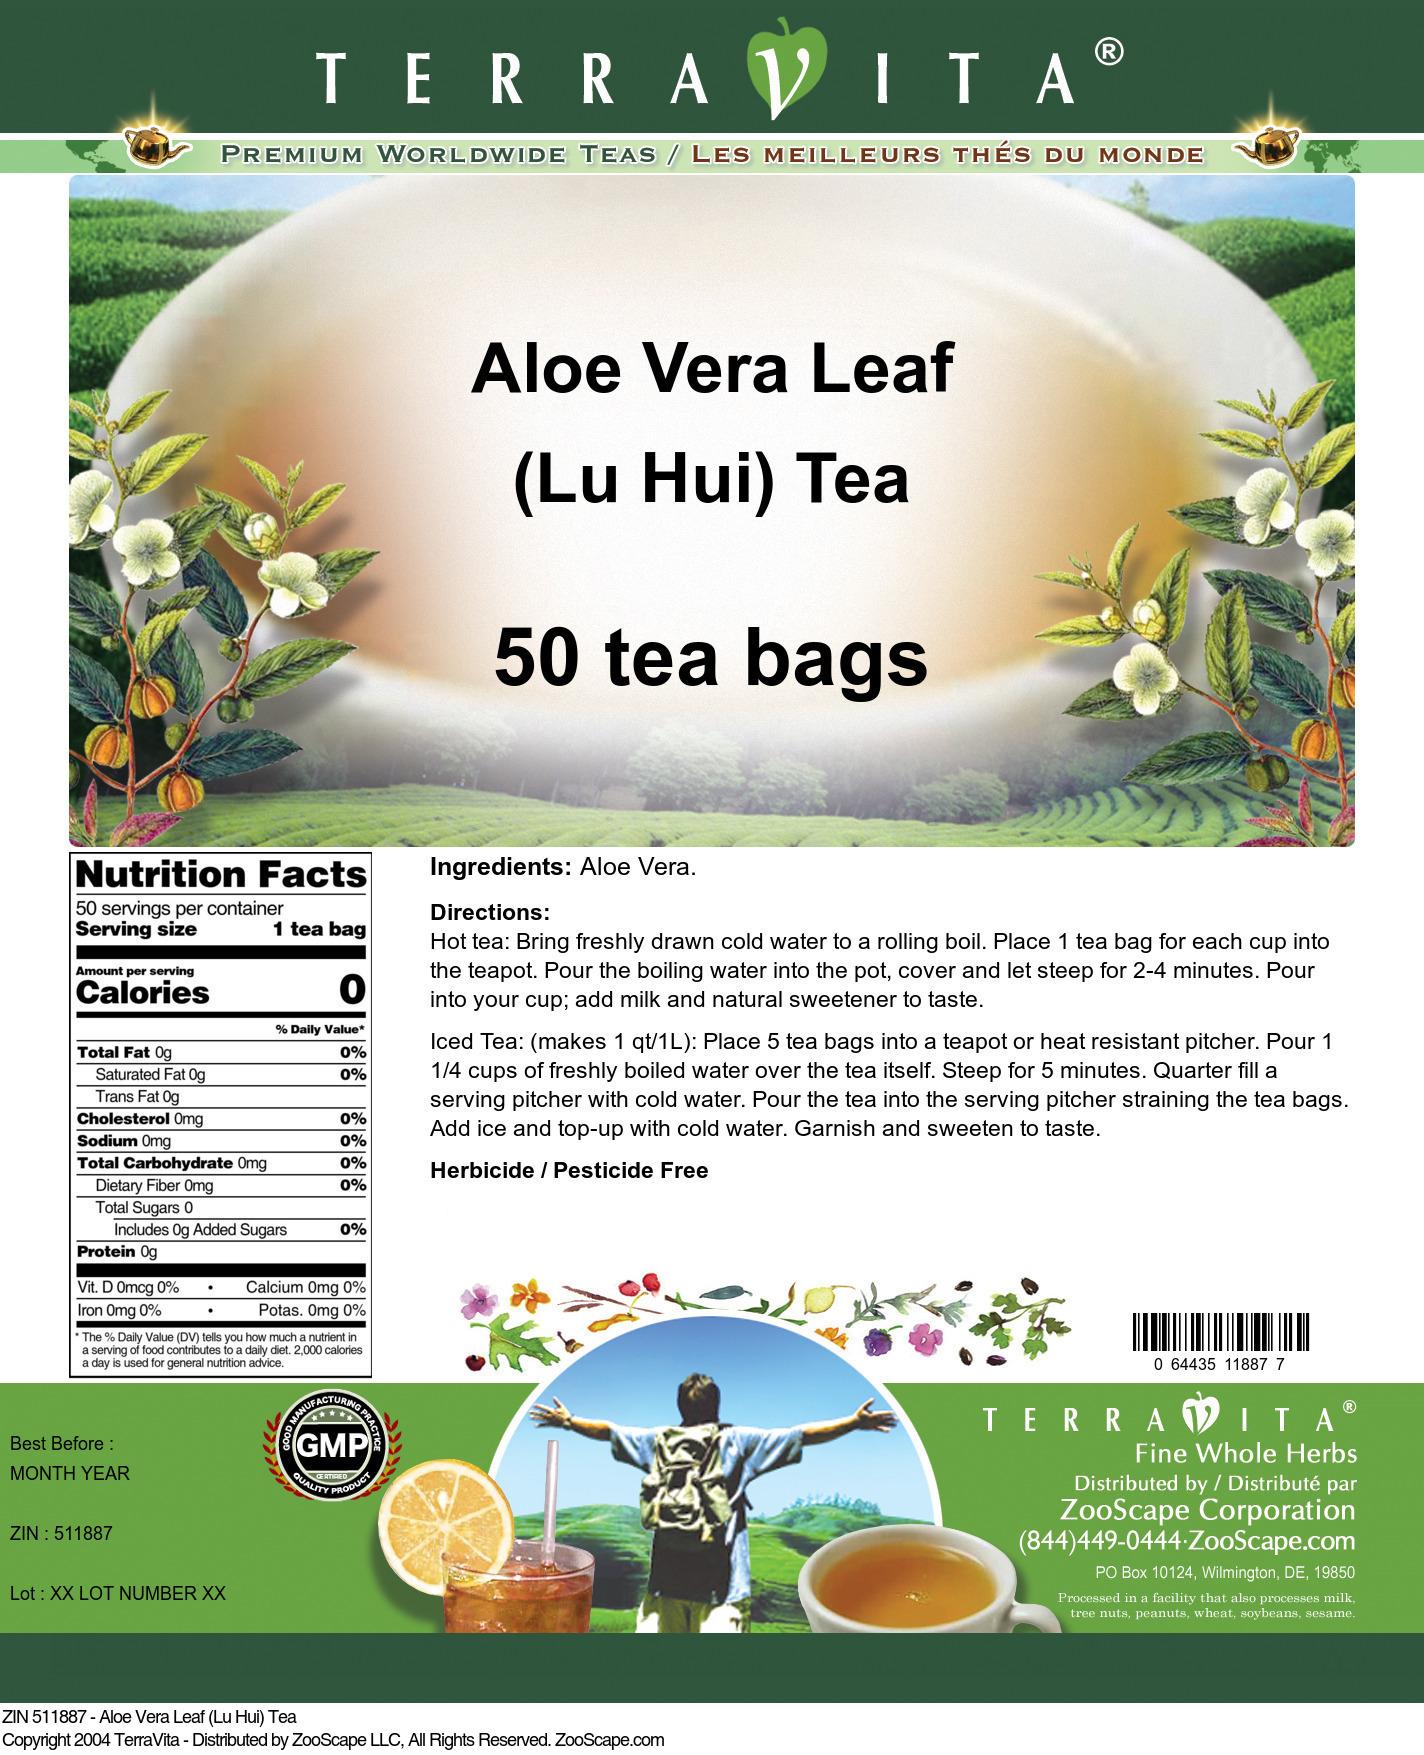 Aloe Vera Leaf (Lu Hui) Tea